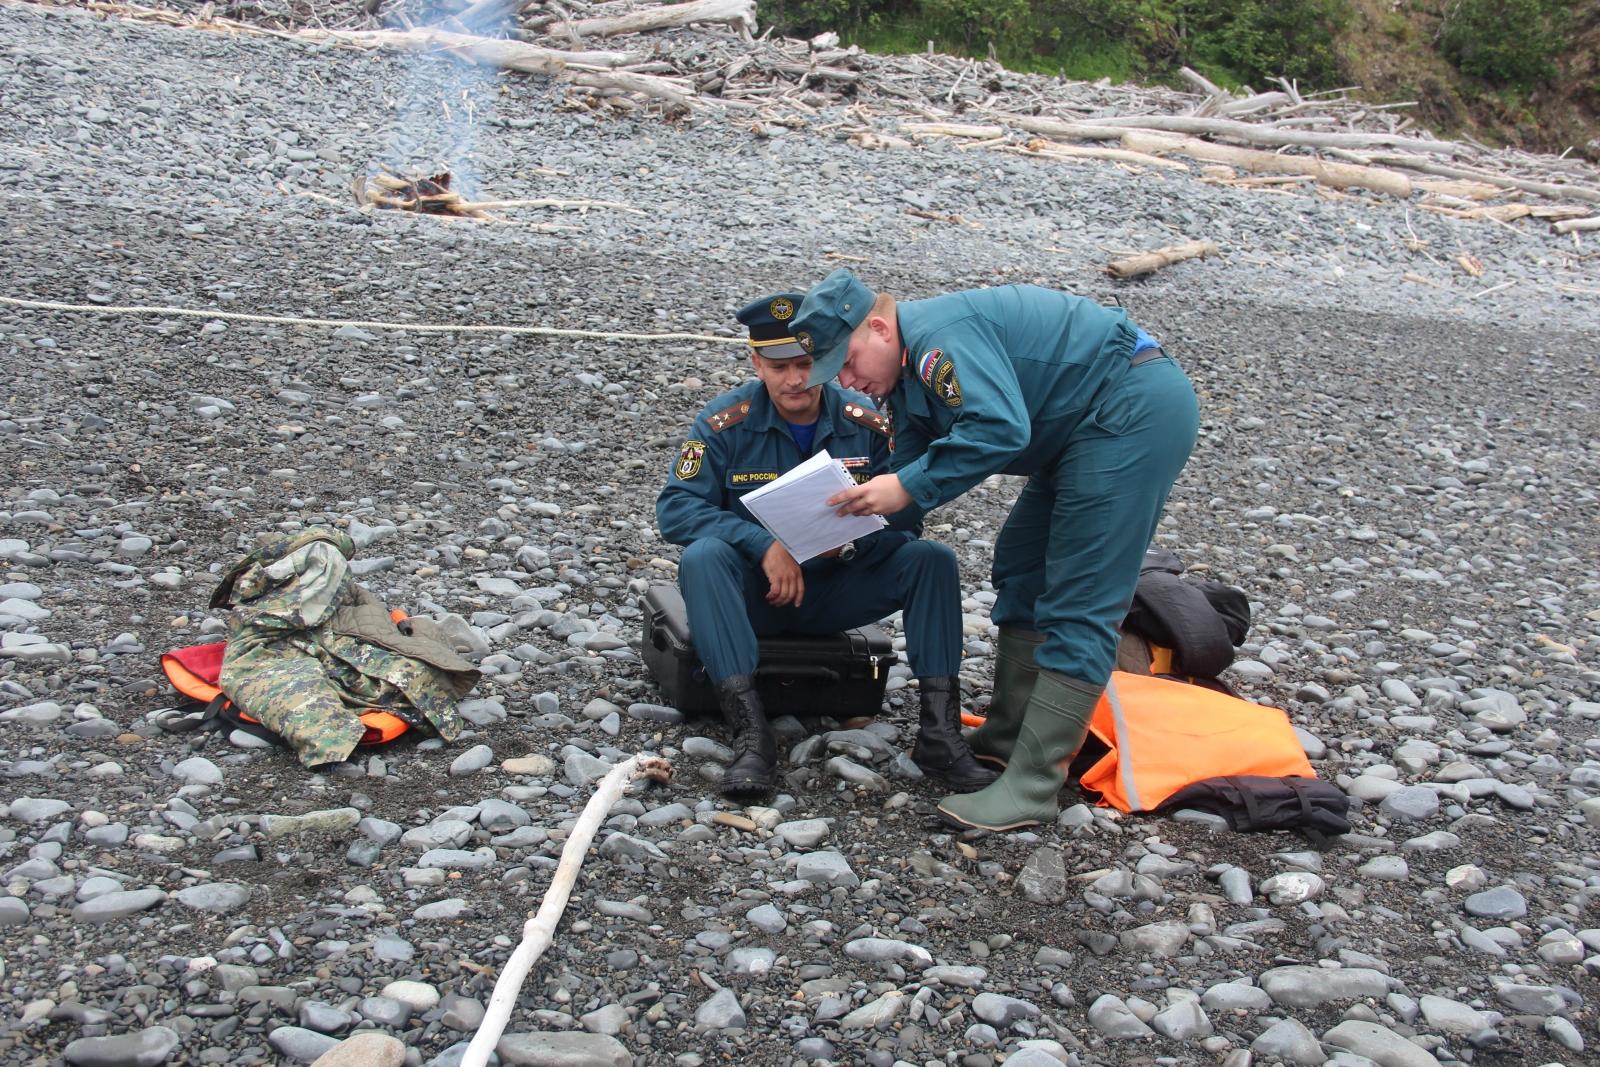 Поисково-спасательная операция в бухте Онгачан Охотского моря